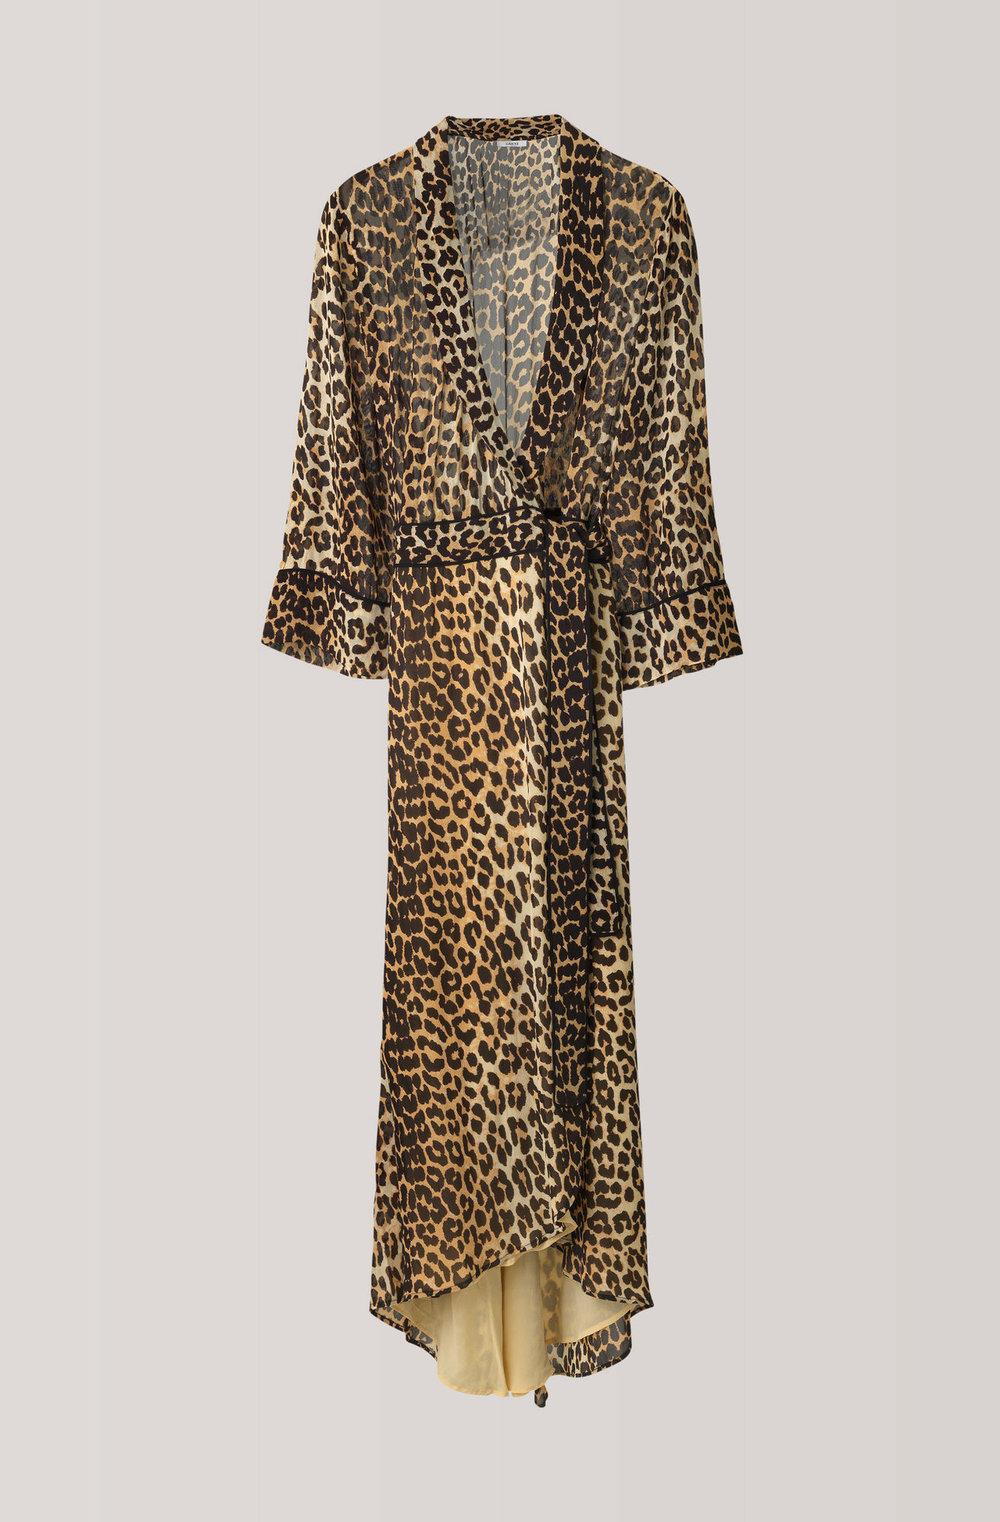 Ganni Fairfax GeorgetteWrap Dress